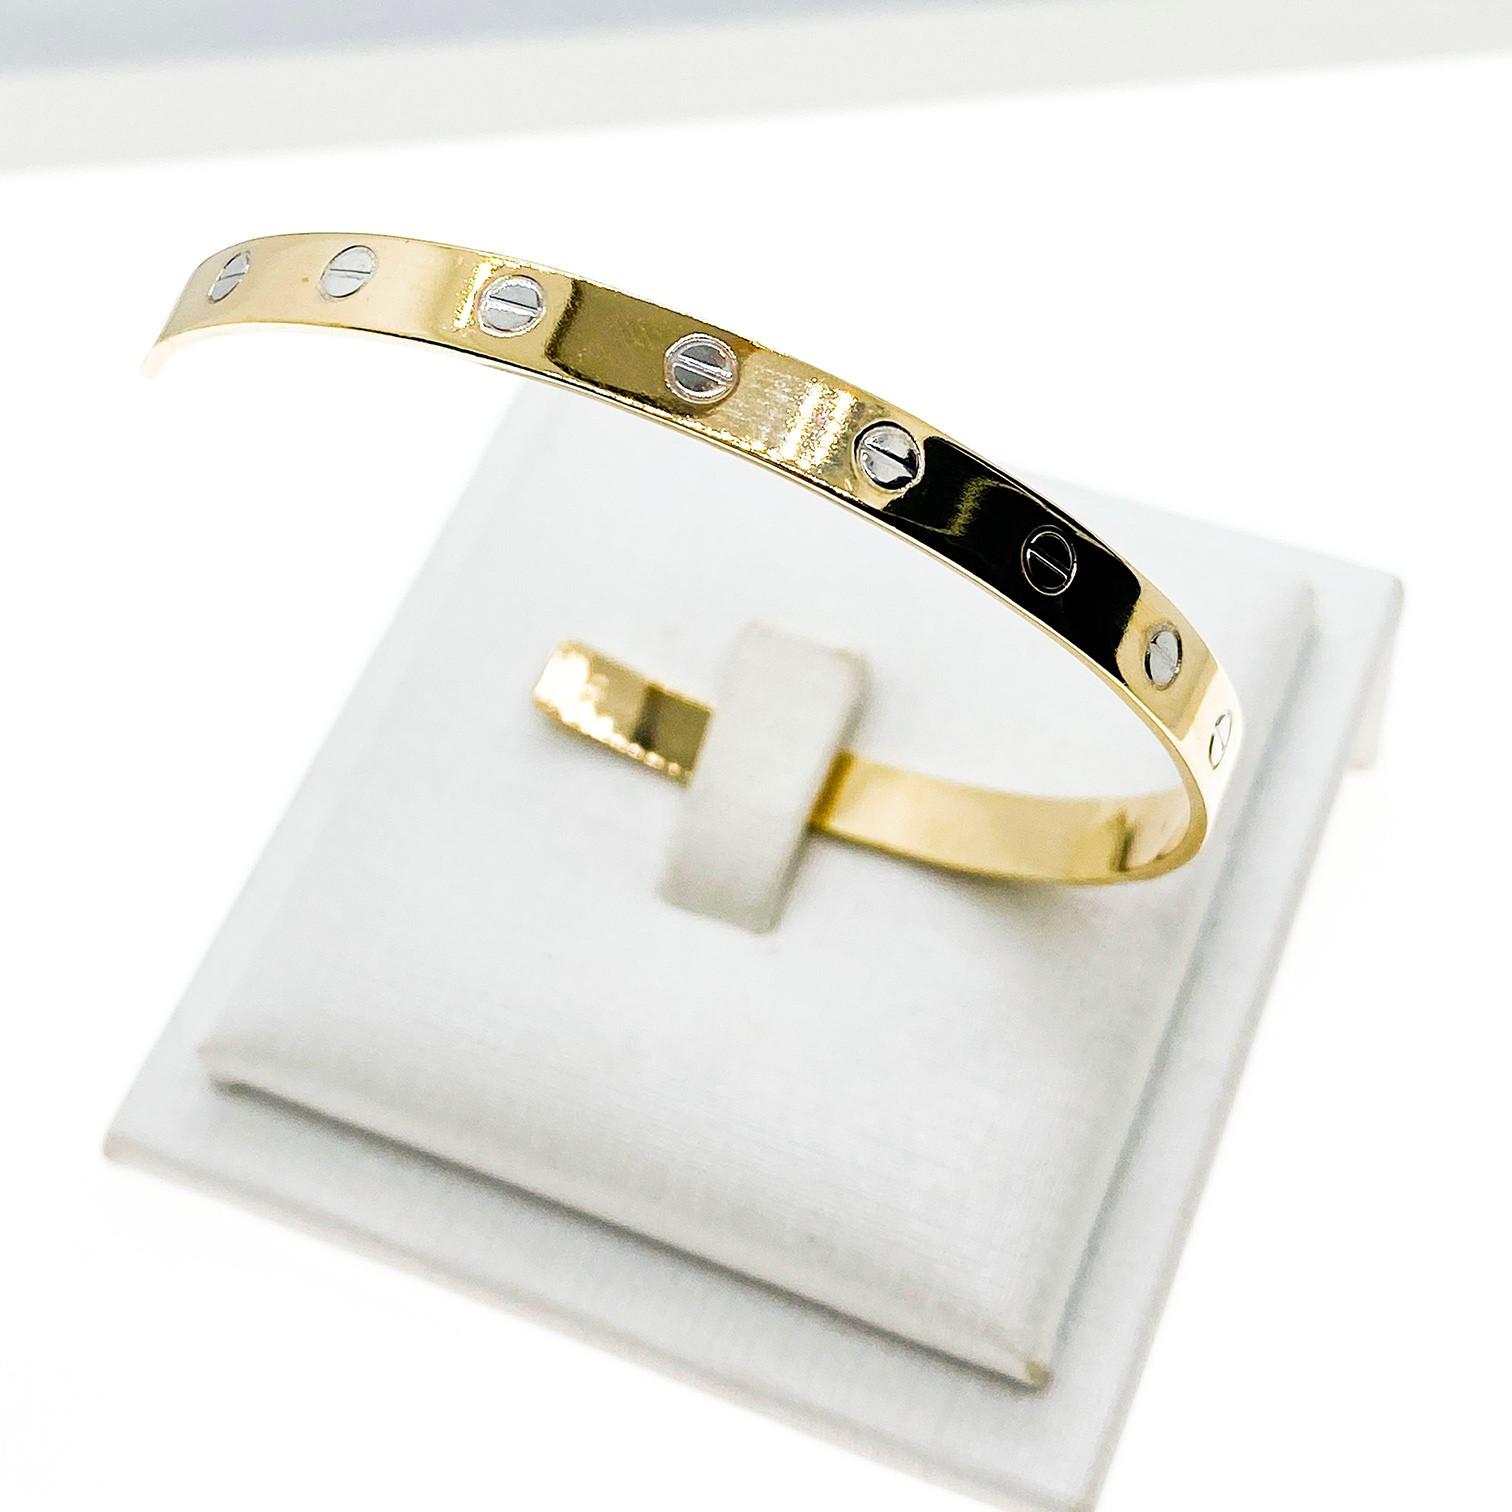 Bracelete Cartier Inspired, folheado no ouro 18K.